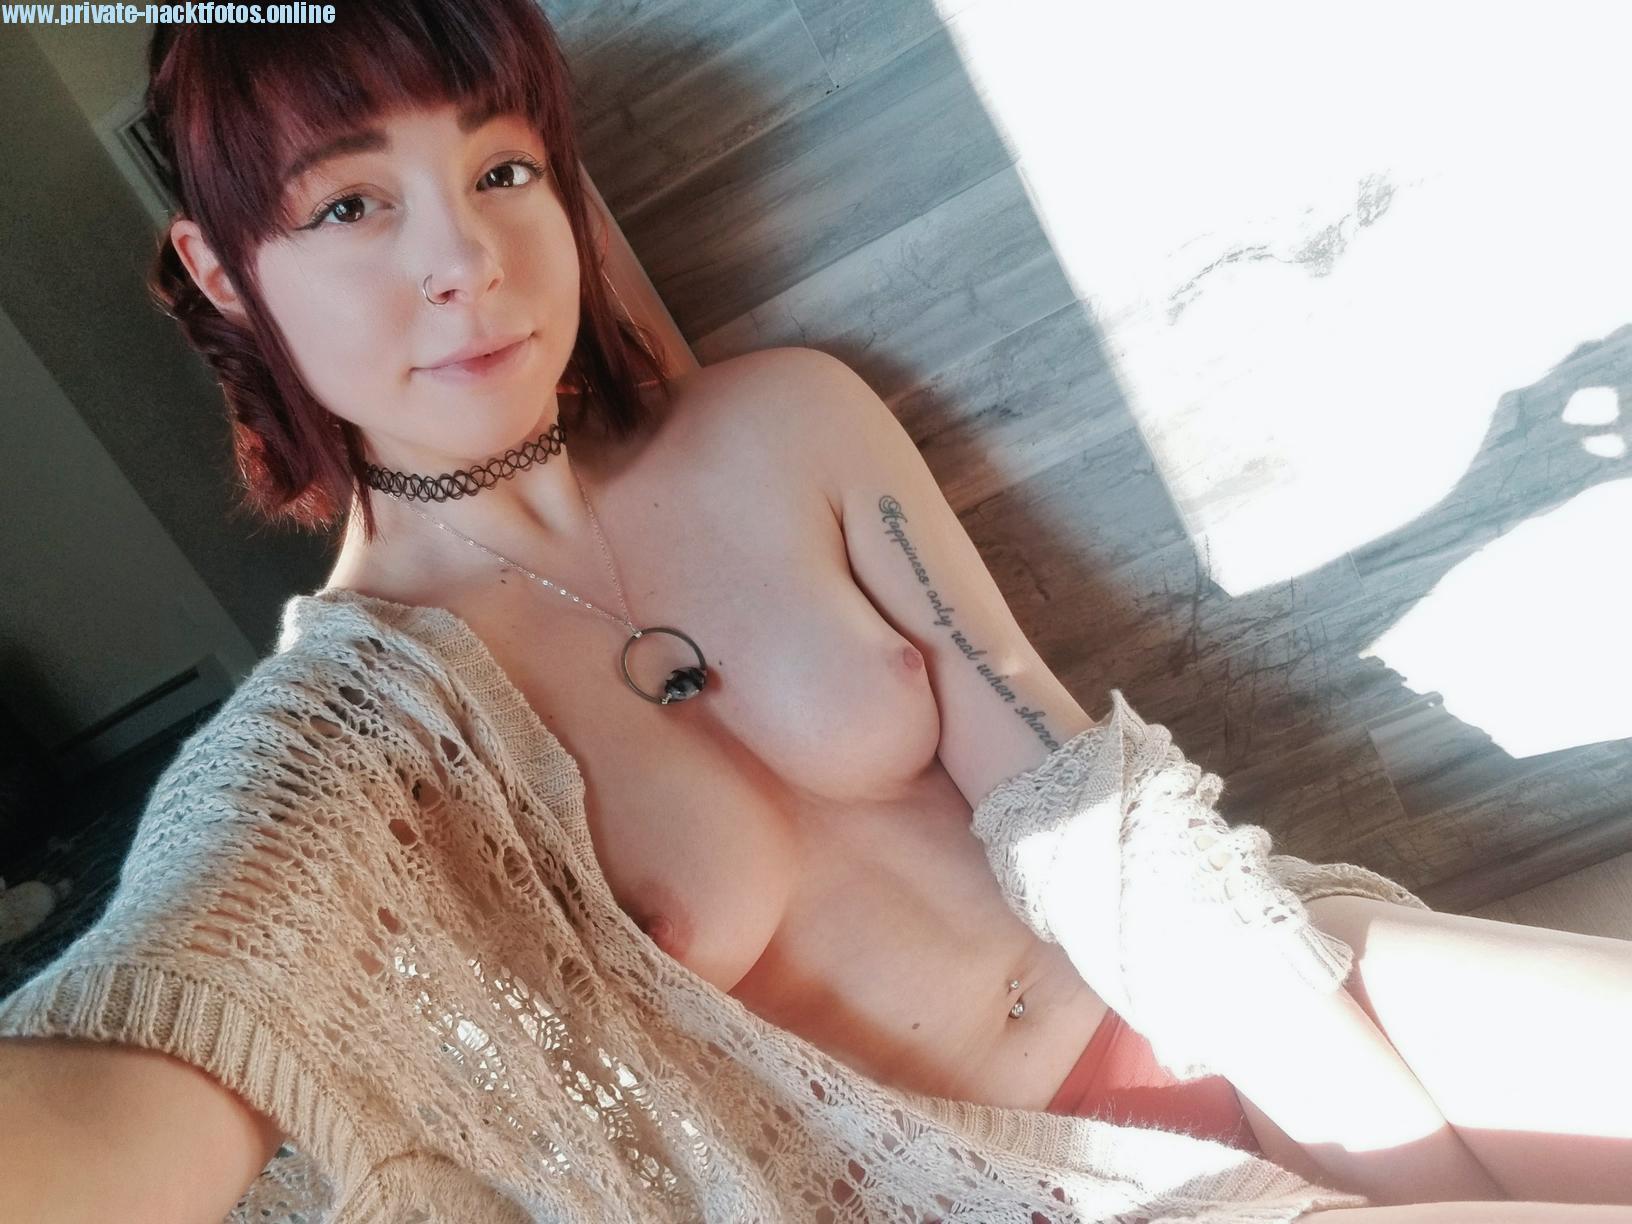 Strickjacke Nichts Drunter Tattoo Amateur Nacktbild Selfie